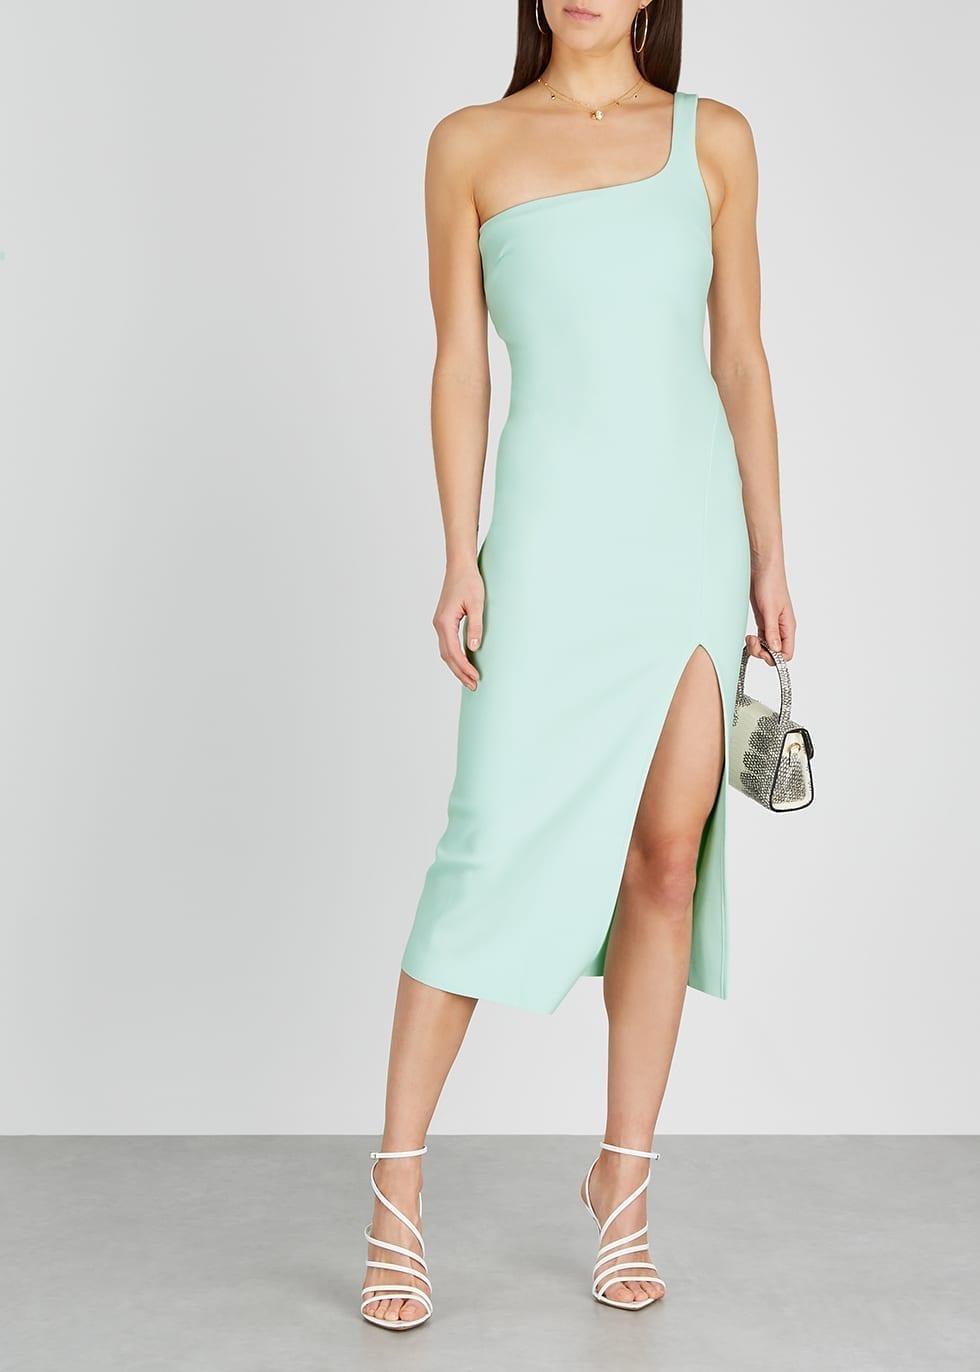 BEC & BRIDGE Ariel Mint One-shoulder Midi Dress